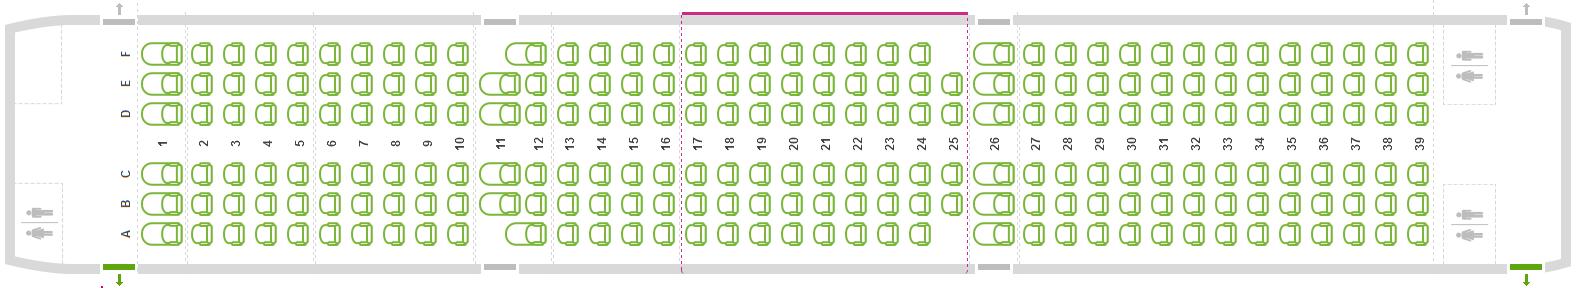 A Wizz Air A321-es seat map-je, melyen az utasok kiválaszthatják helyüket a repülőgép 230 ülőhelye egyikén. (Kép forrása: Wizz Air foglalási rendszer) | © AIRportal.hu